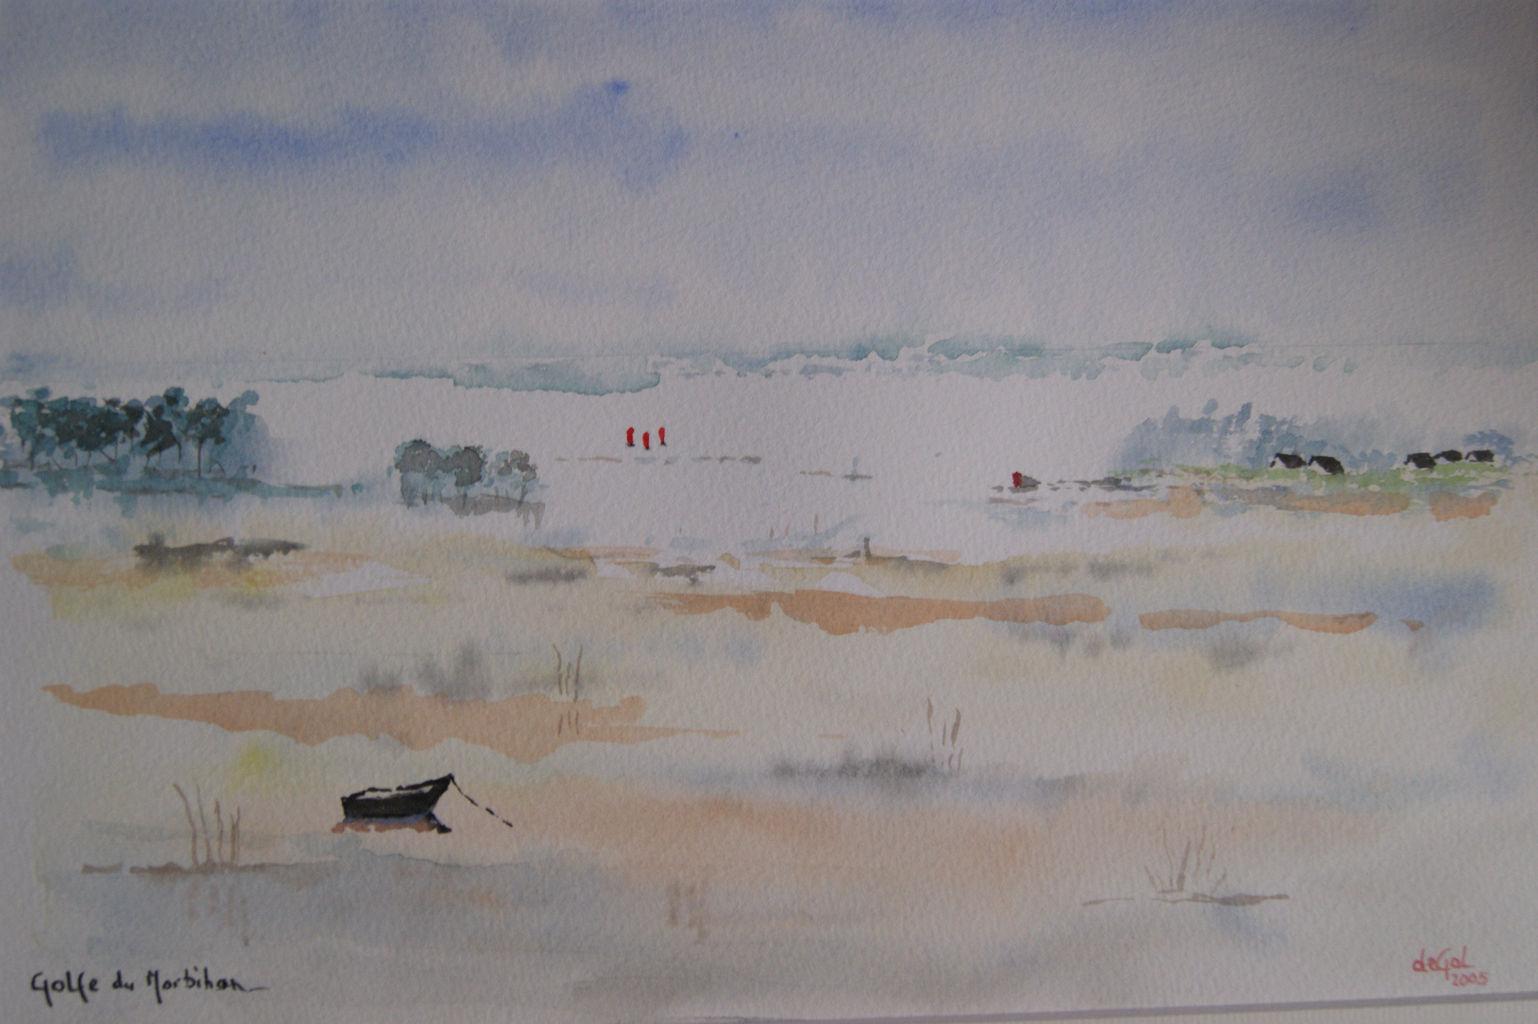 Golfe du Morbihan 1